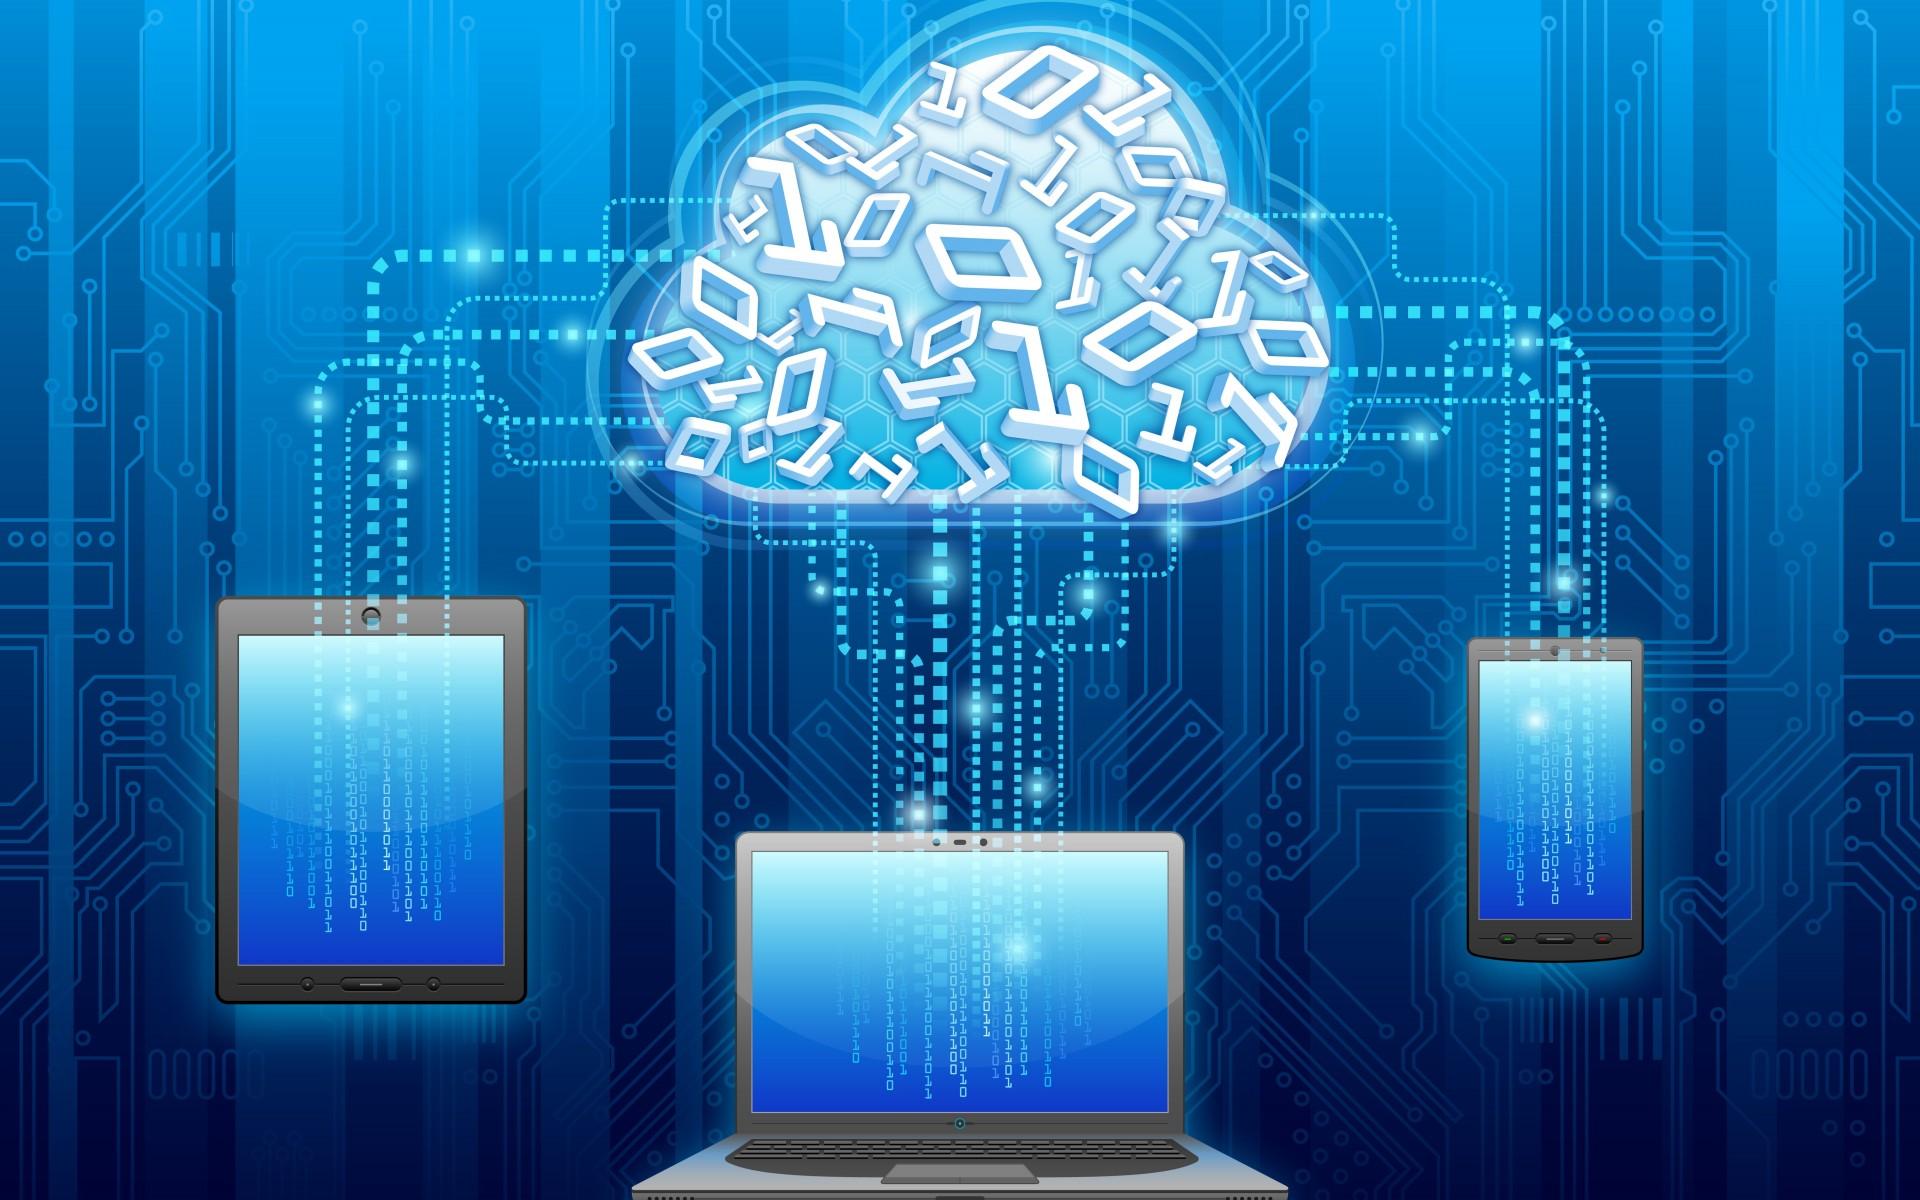 حل اسئلة درس شبكة الانترنت نموذج TCP/IP مادة الحاسب الالي 2 نظام المقررات 1441